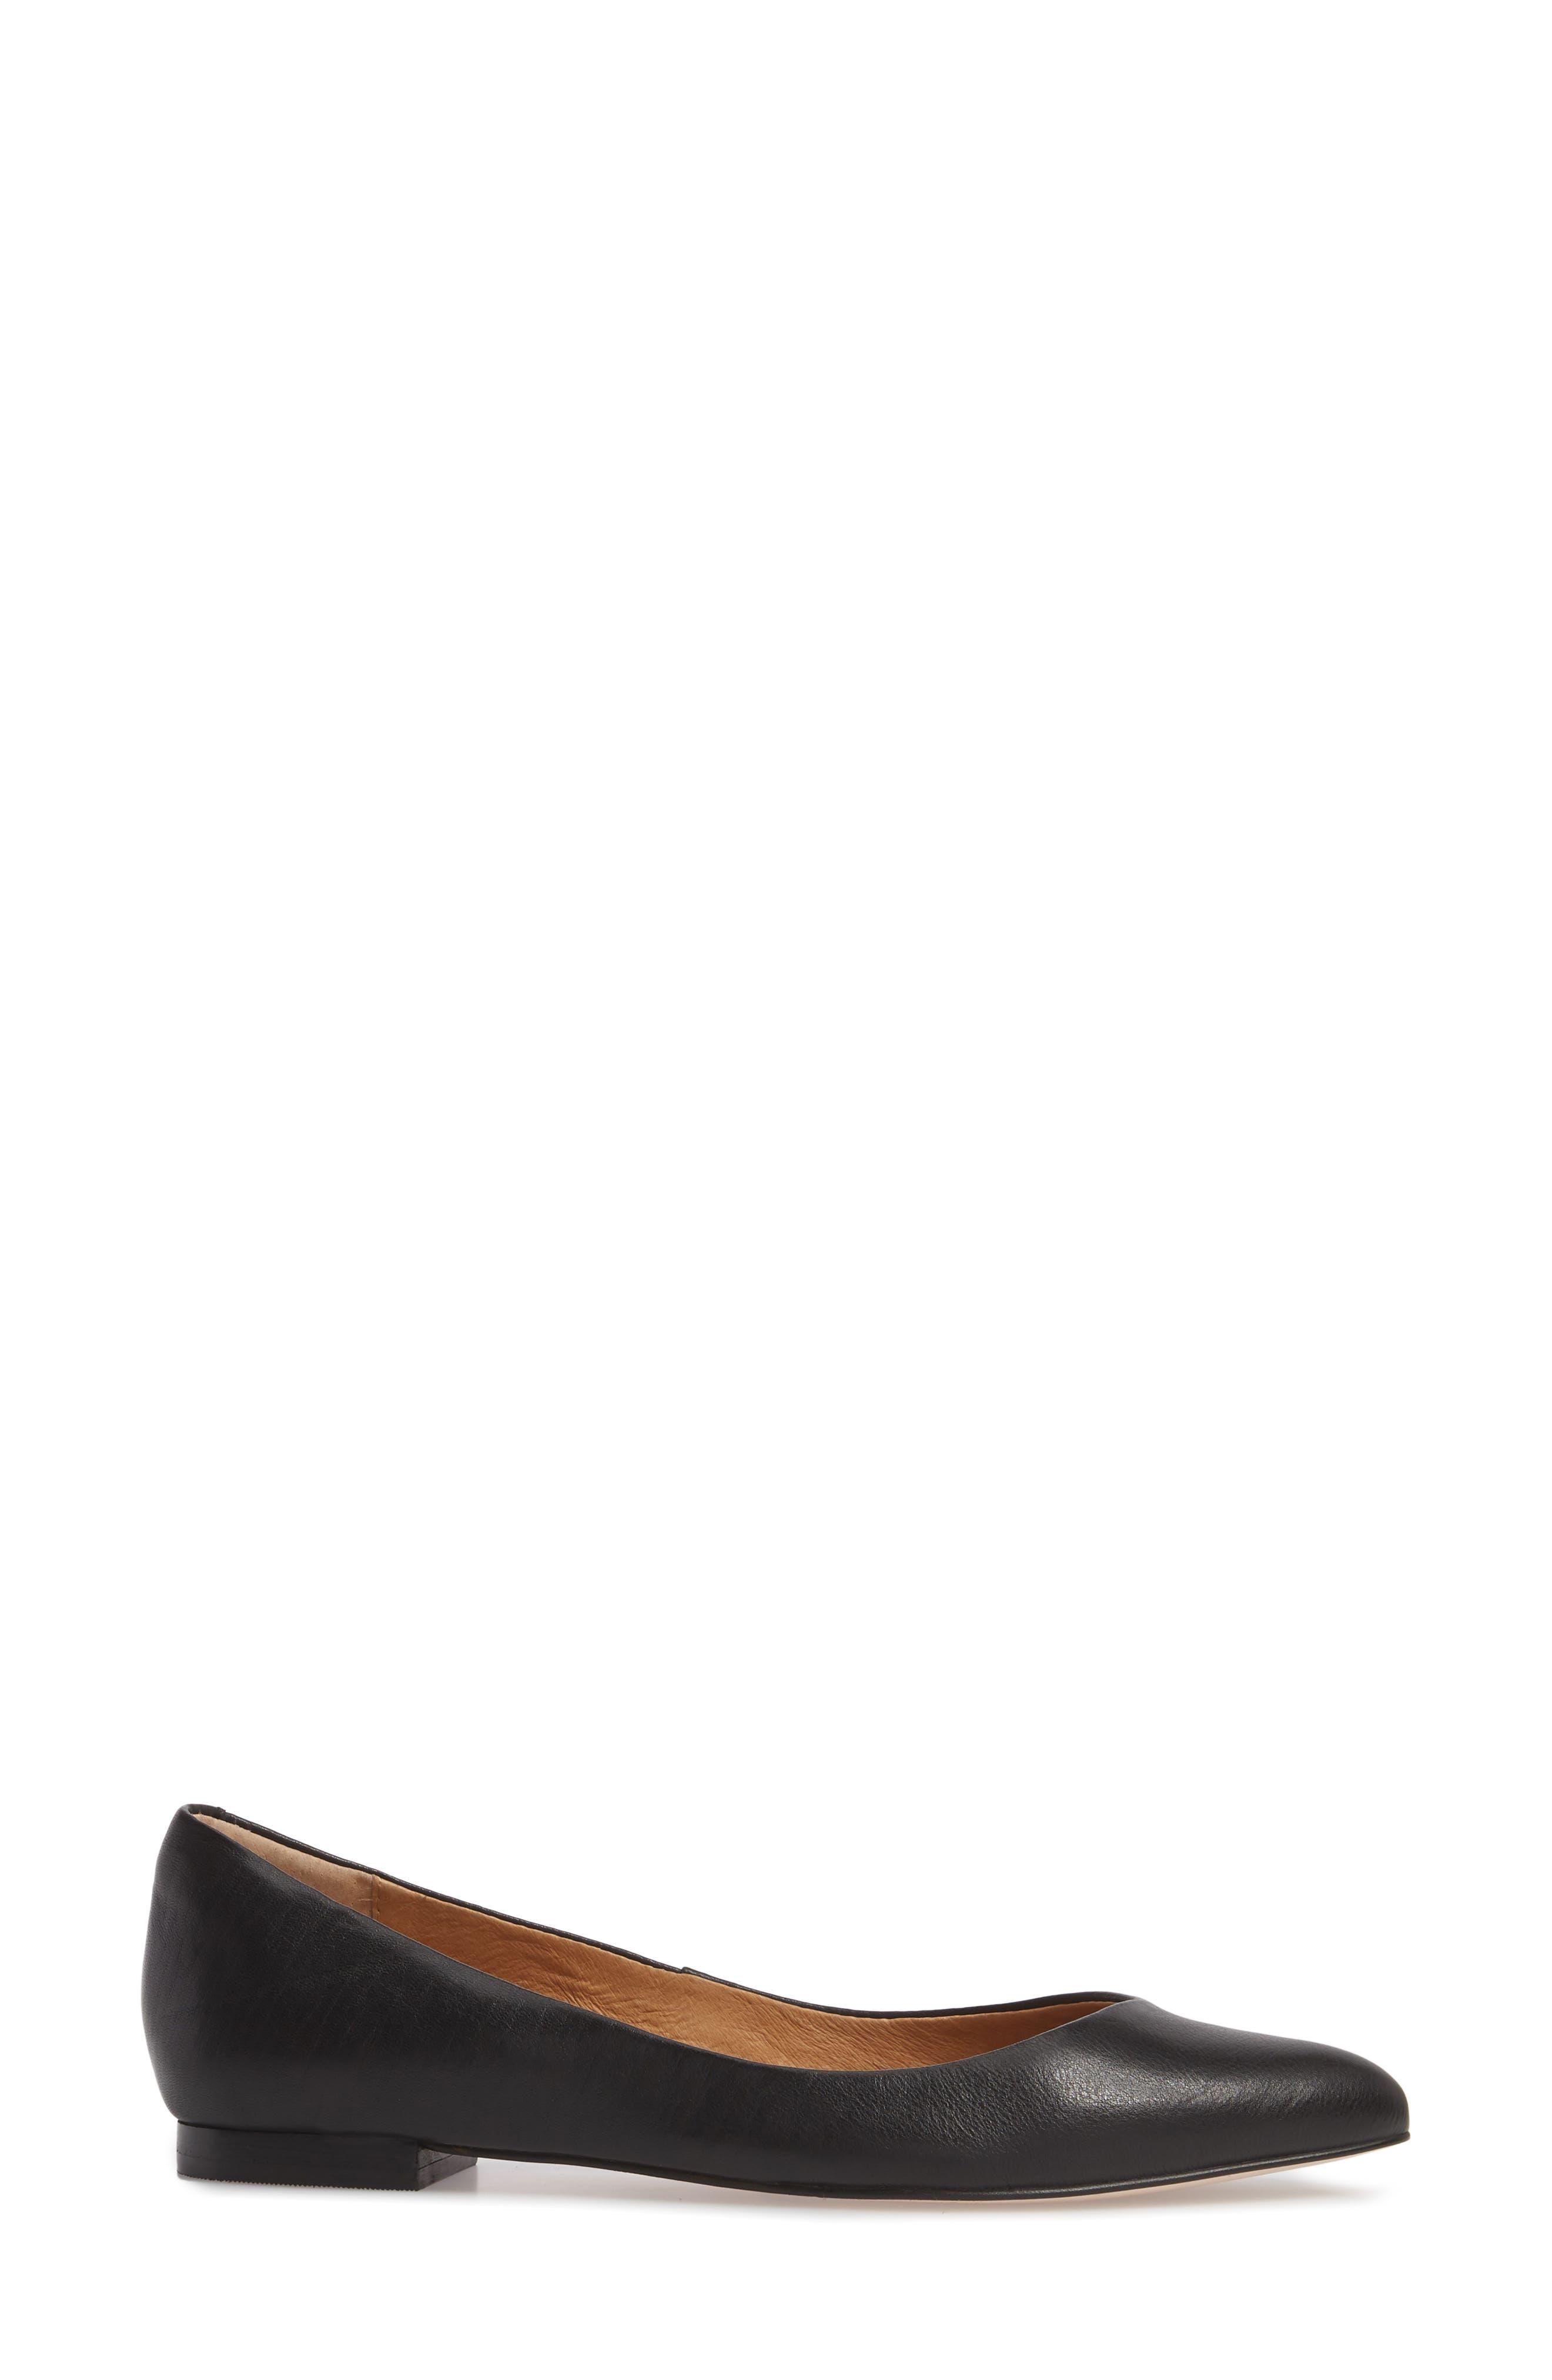 Jullia Flat,                             Alternate thumbnail 3, color,                             Black Leather